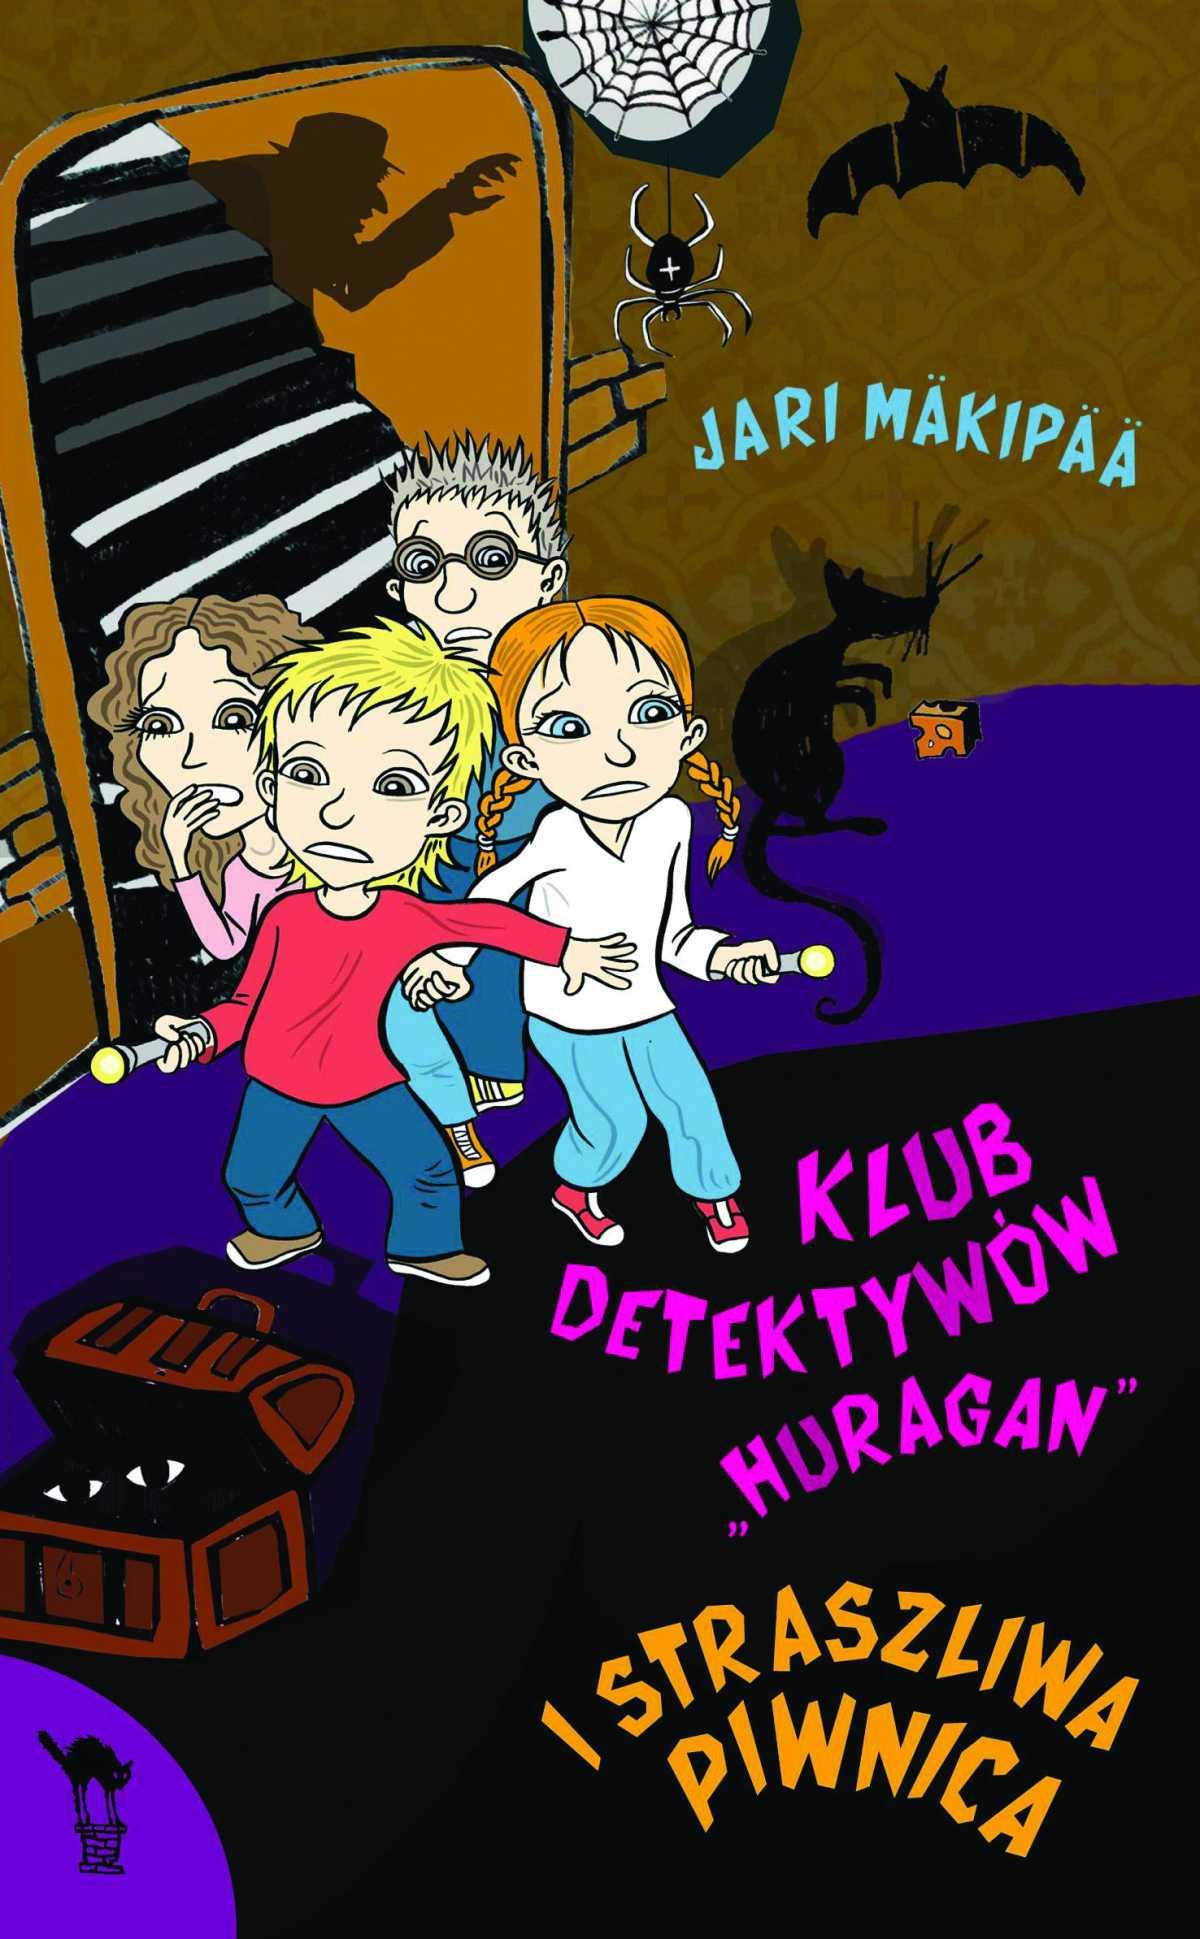 """Klub detektywów """"Huragan"""" i straszliwa piwnica - Ebook (Książka na Kindle) do pobrania w formacie MOBI"""